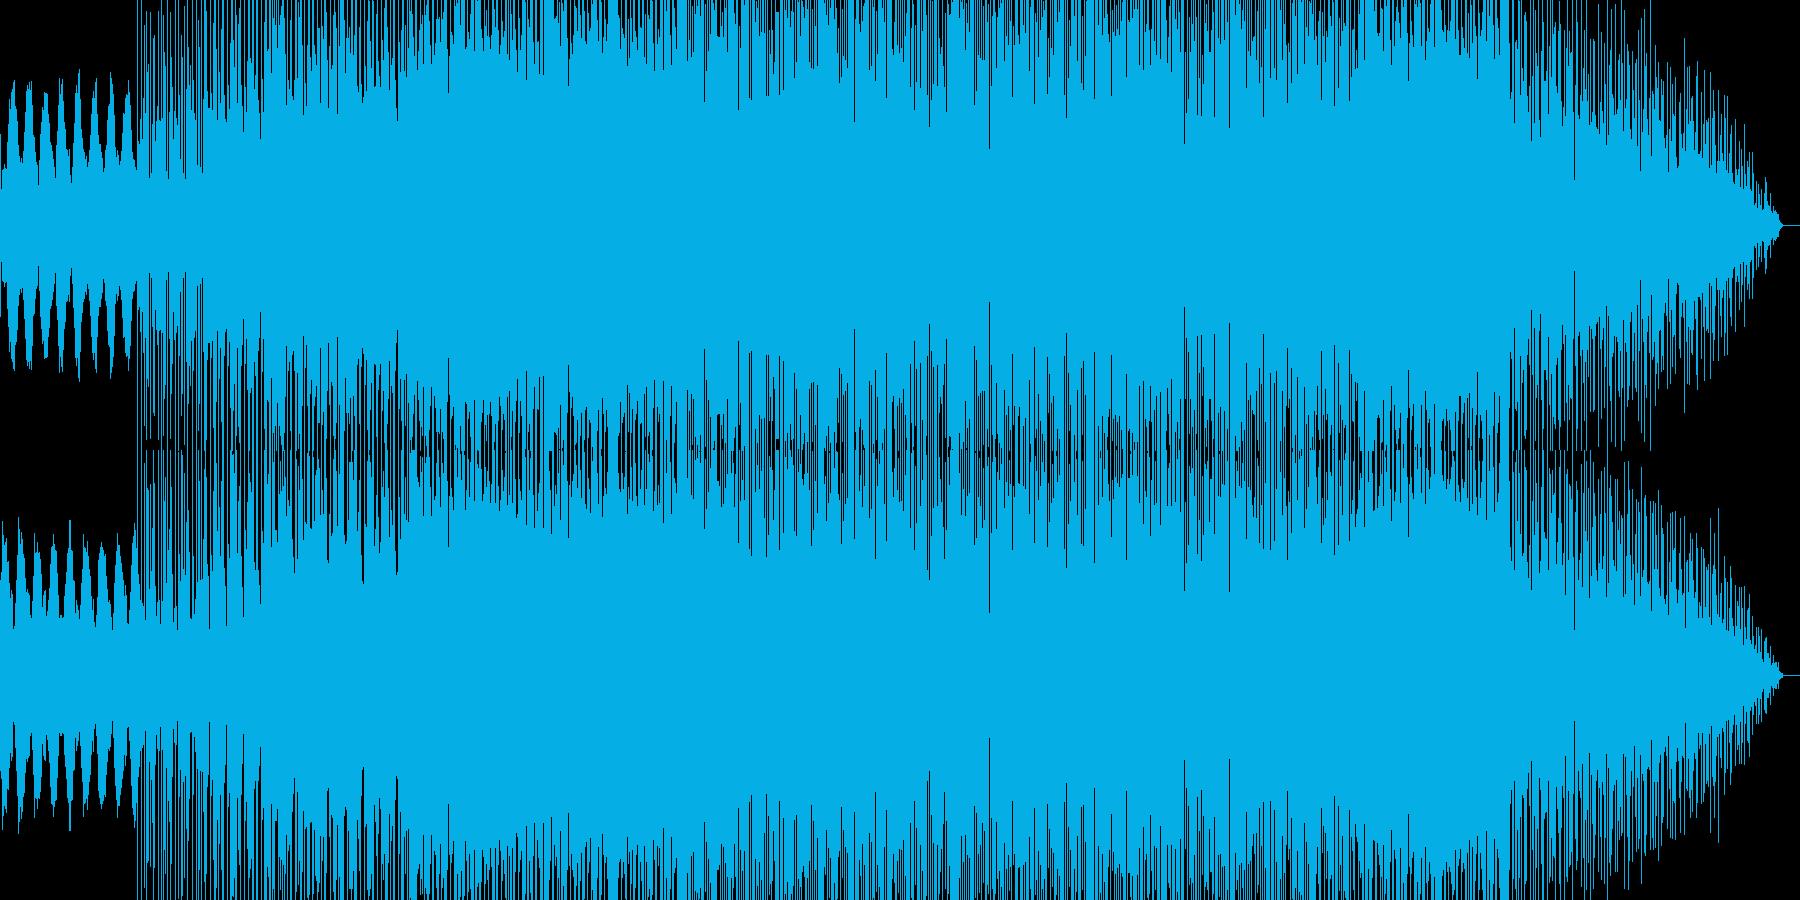 哀愁感のあるメロディと不思議な雰囲気の曲の再生済みの波形